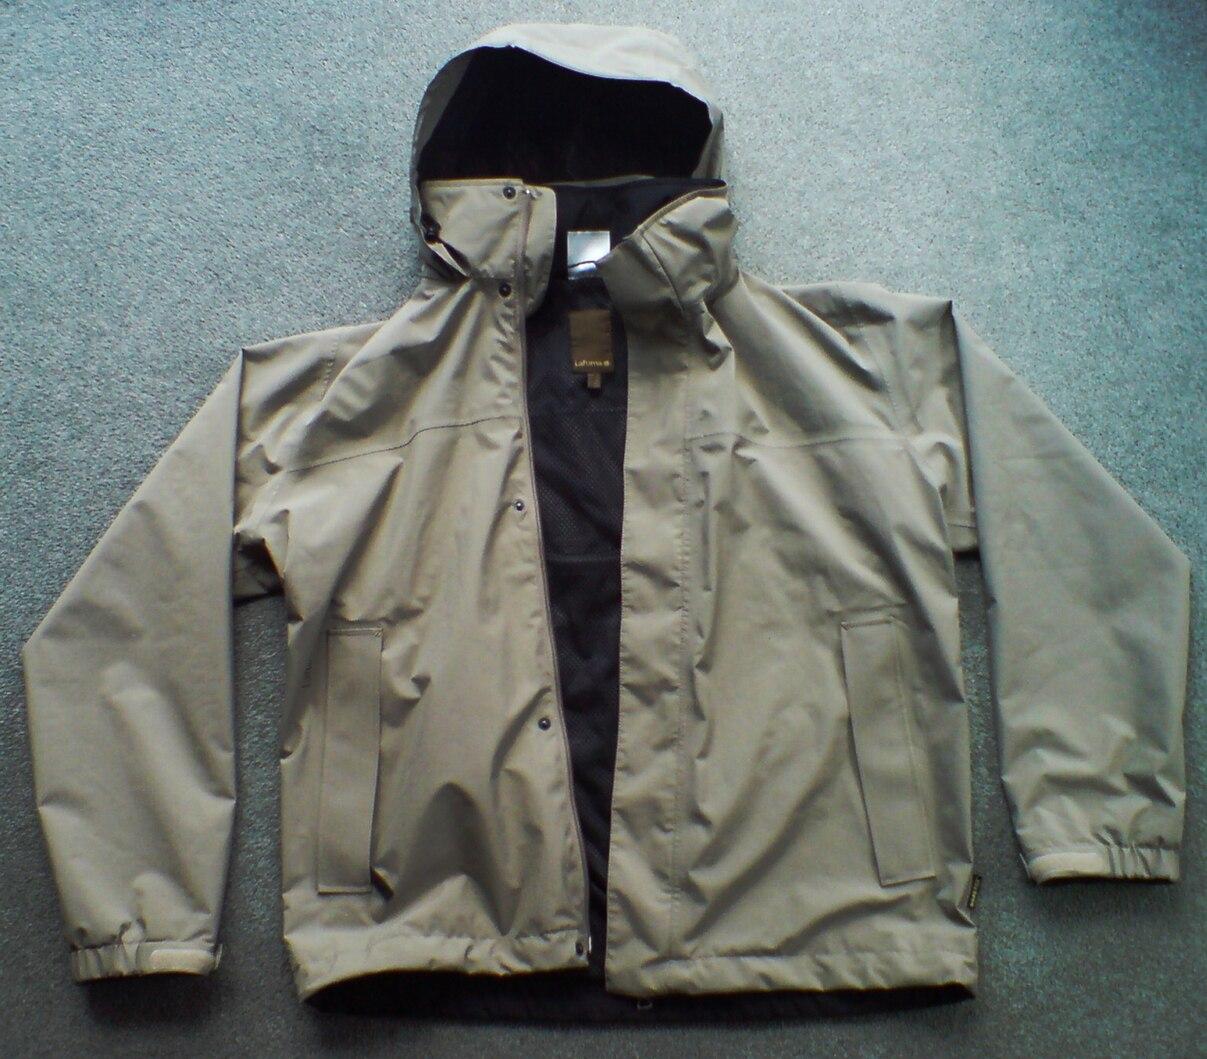 a5aa19eca70 Ветровка (одежда) - Полная информация и онлайн-распродажа с бесплатной  доставкой. Возможность заказать по самой низкой цене и дешево купить в  лучшем ...